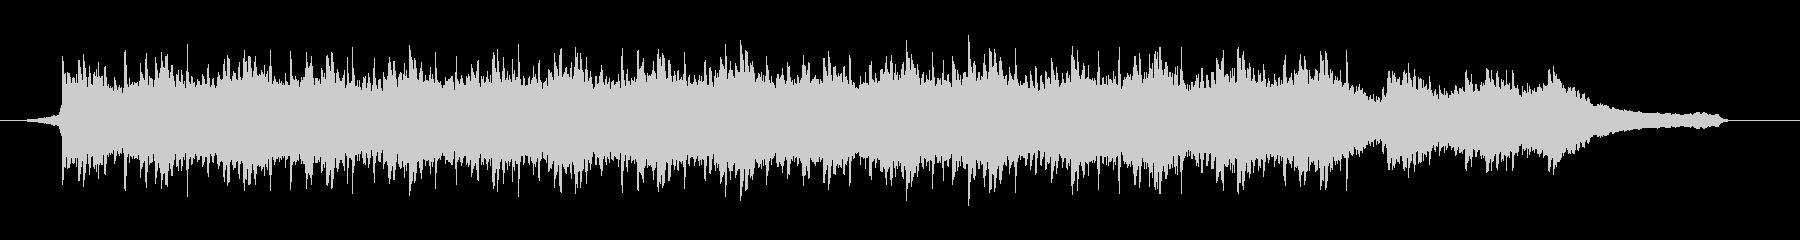 企業VP183、ピアノ、アコギ、爽やかの未再生の波形